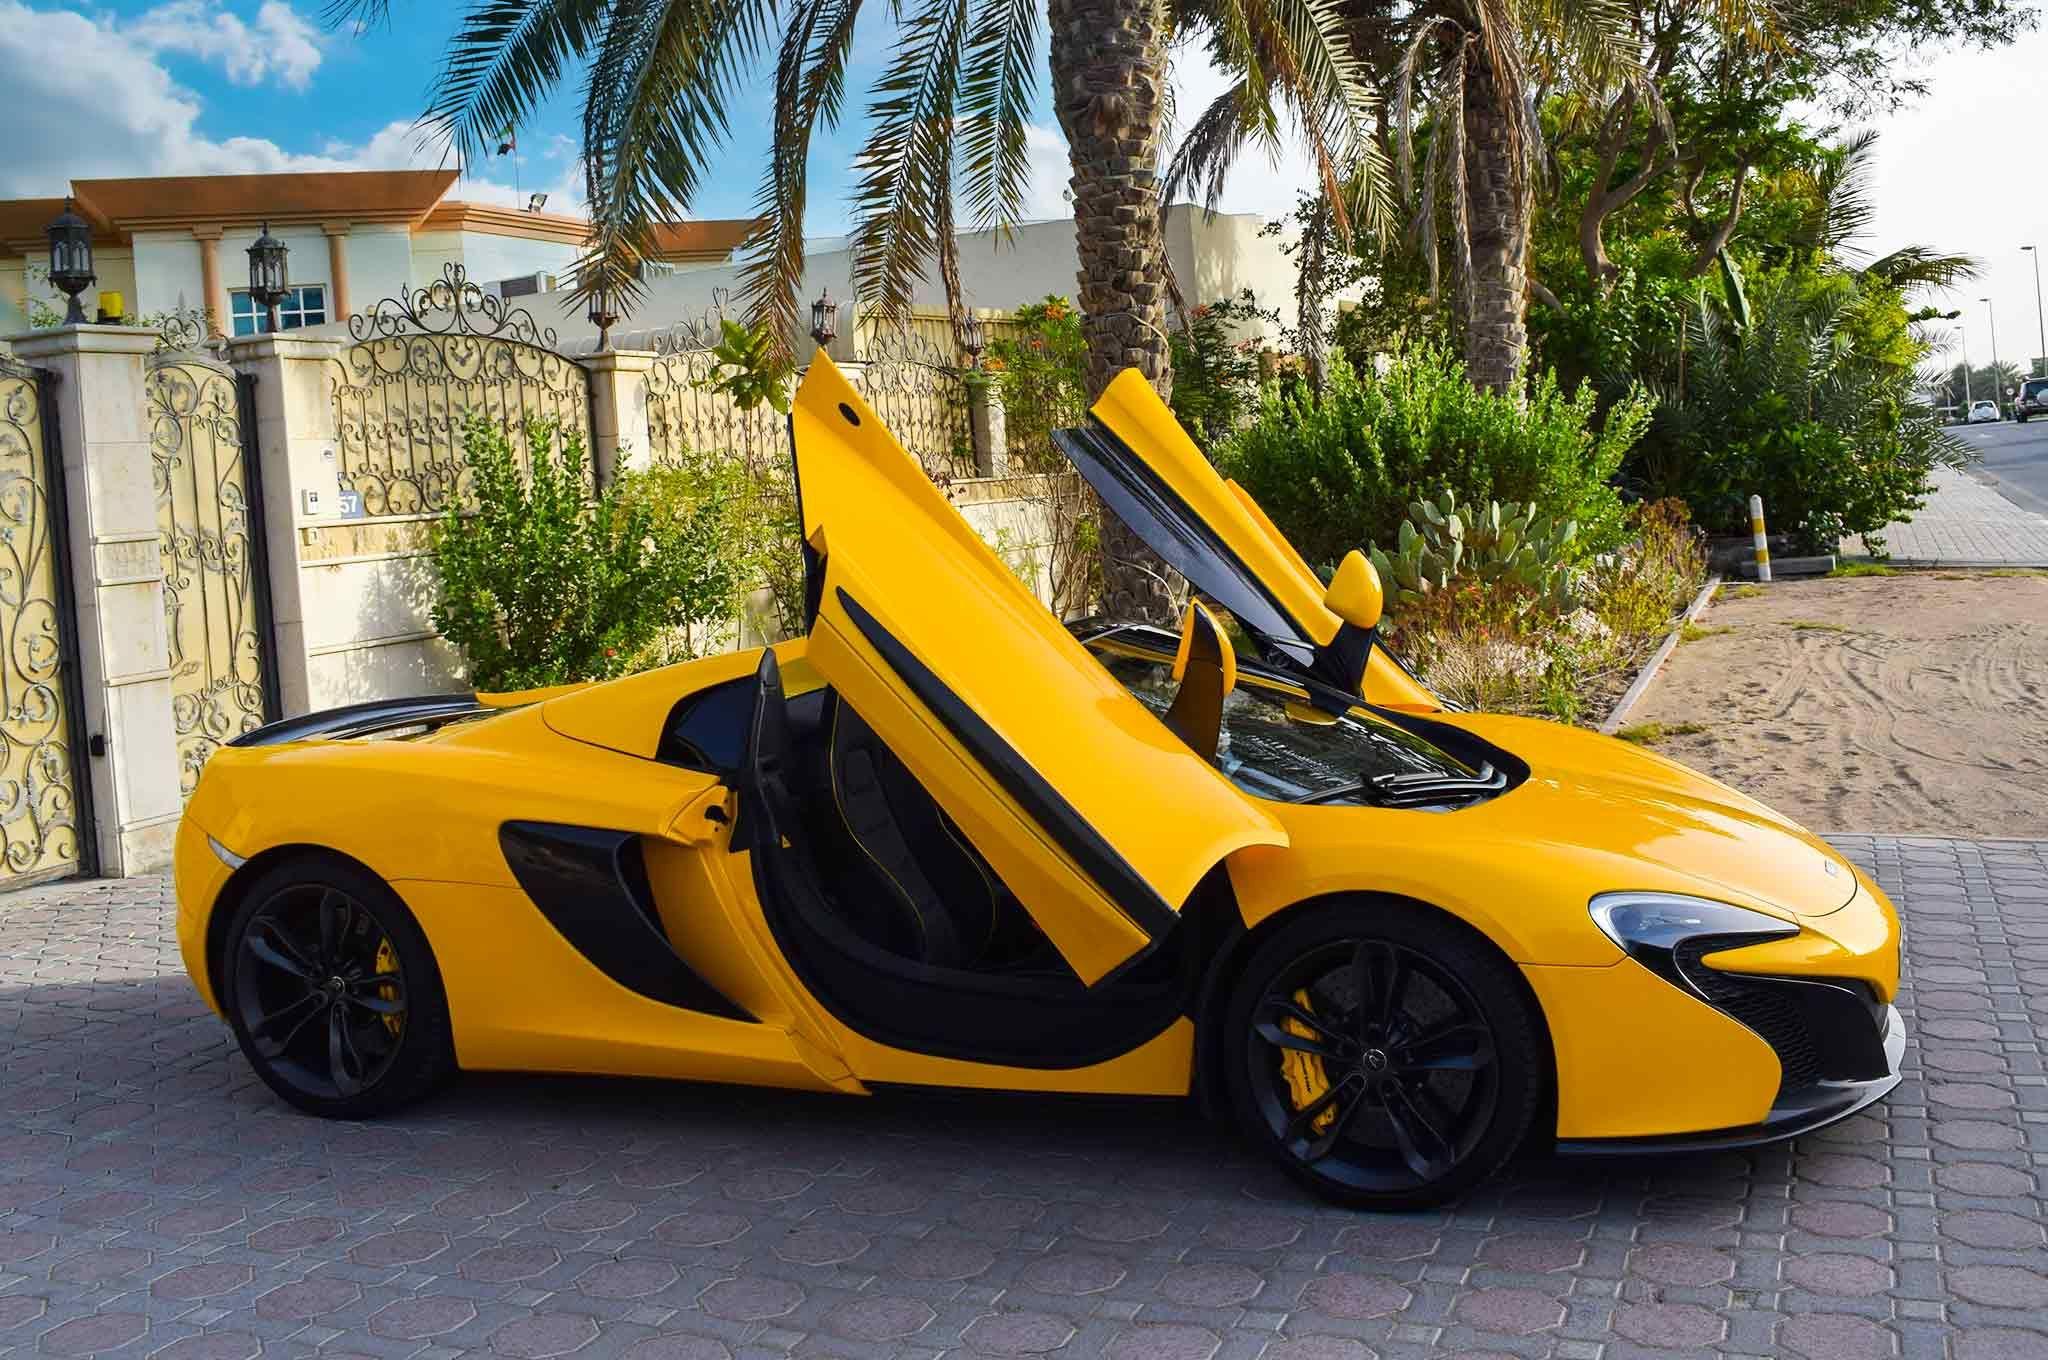 Vip Car Rental Dubai Makes This Process Of Hiring A Luxury Car